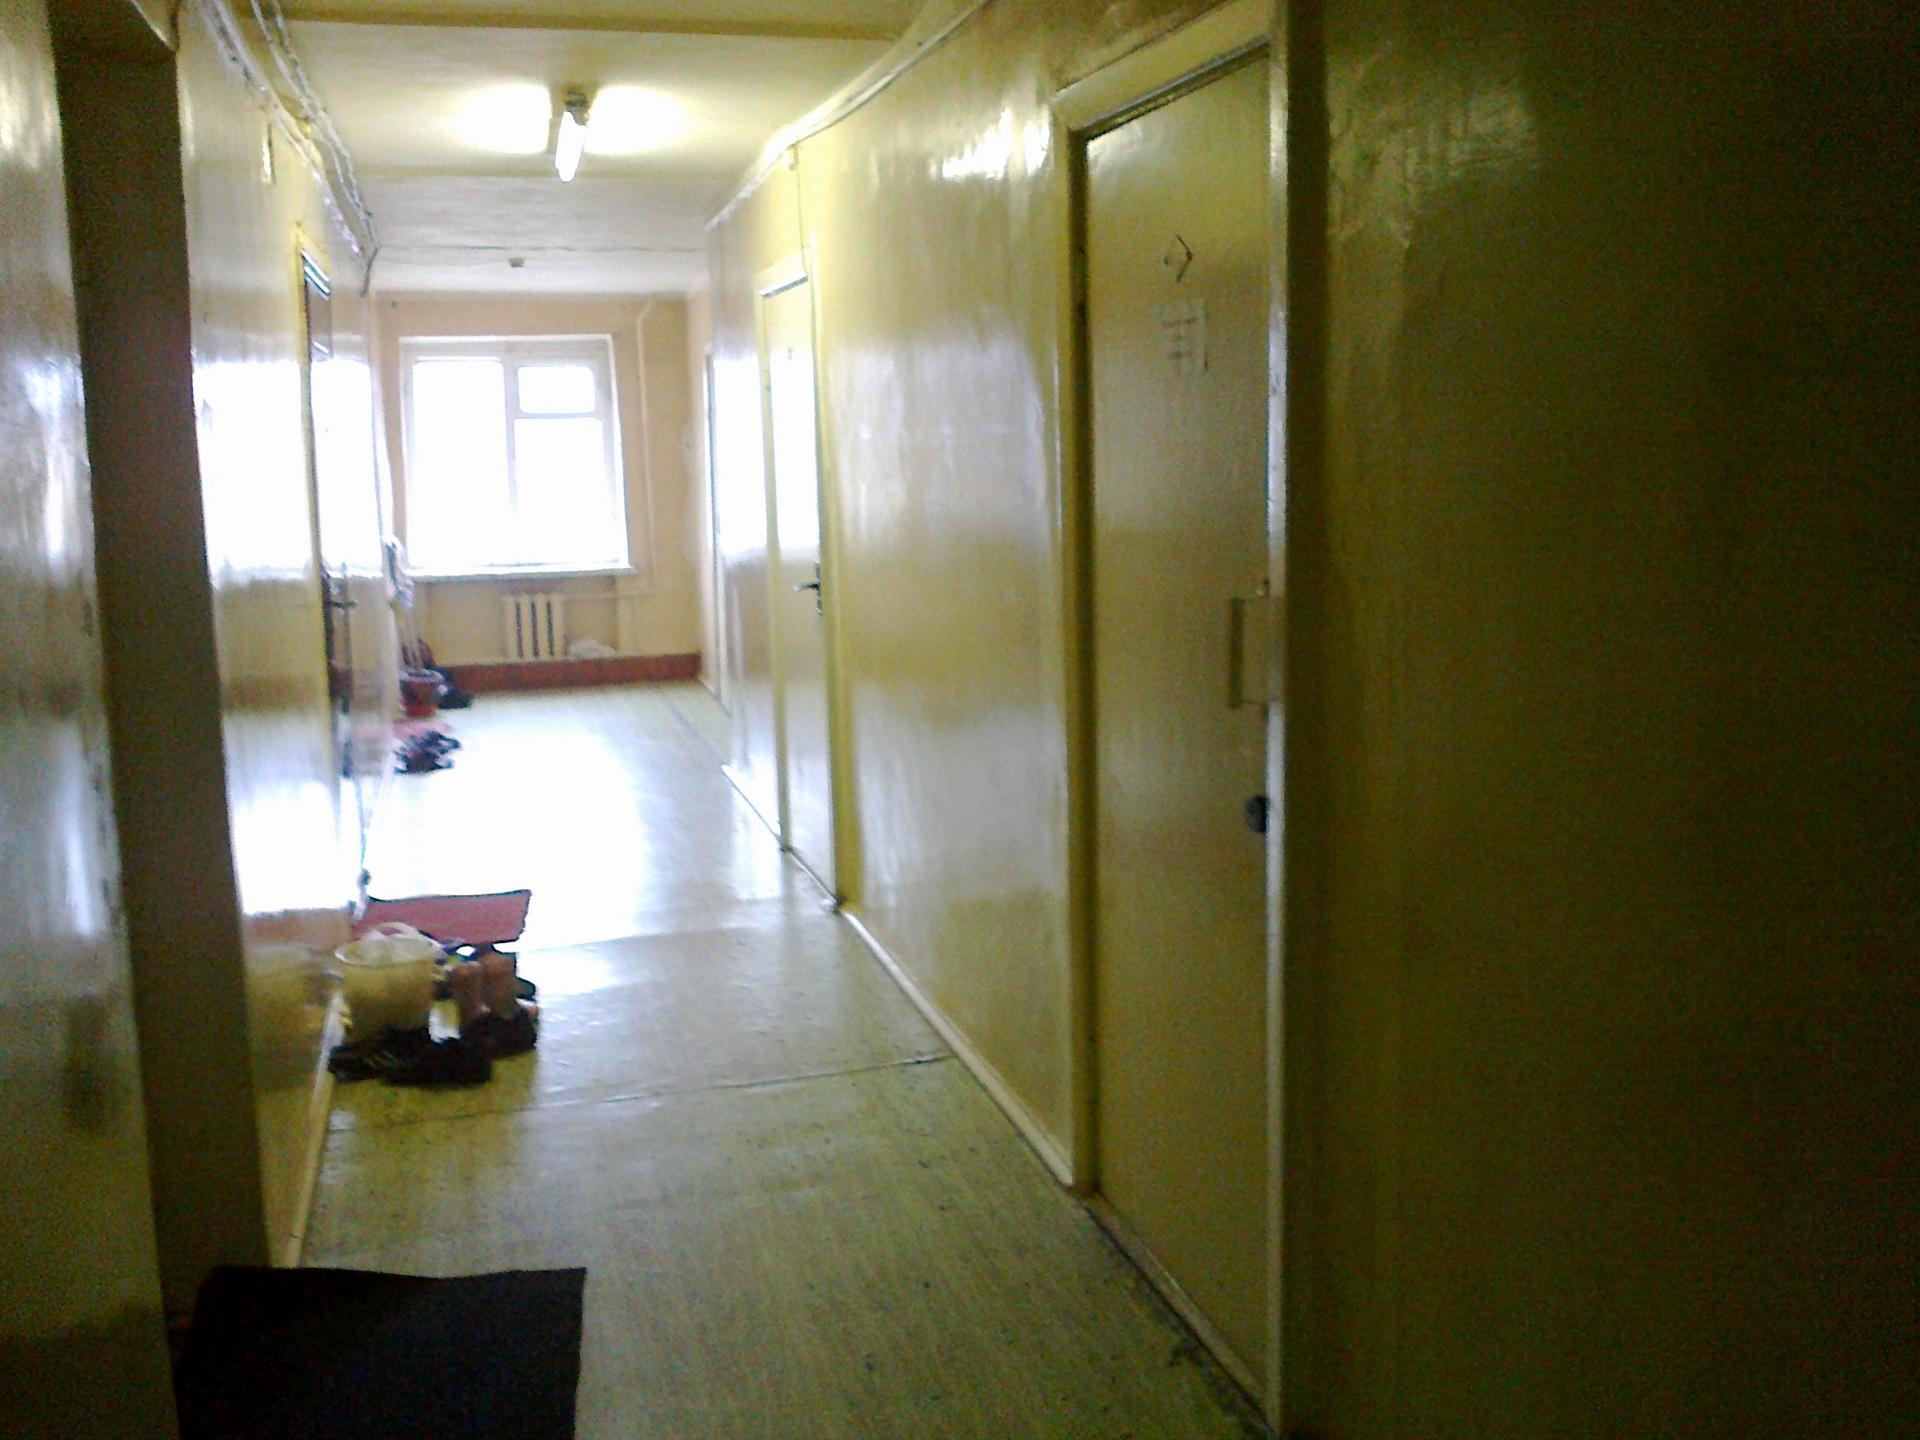 общежитие коридорного типа в москве зона катания- это